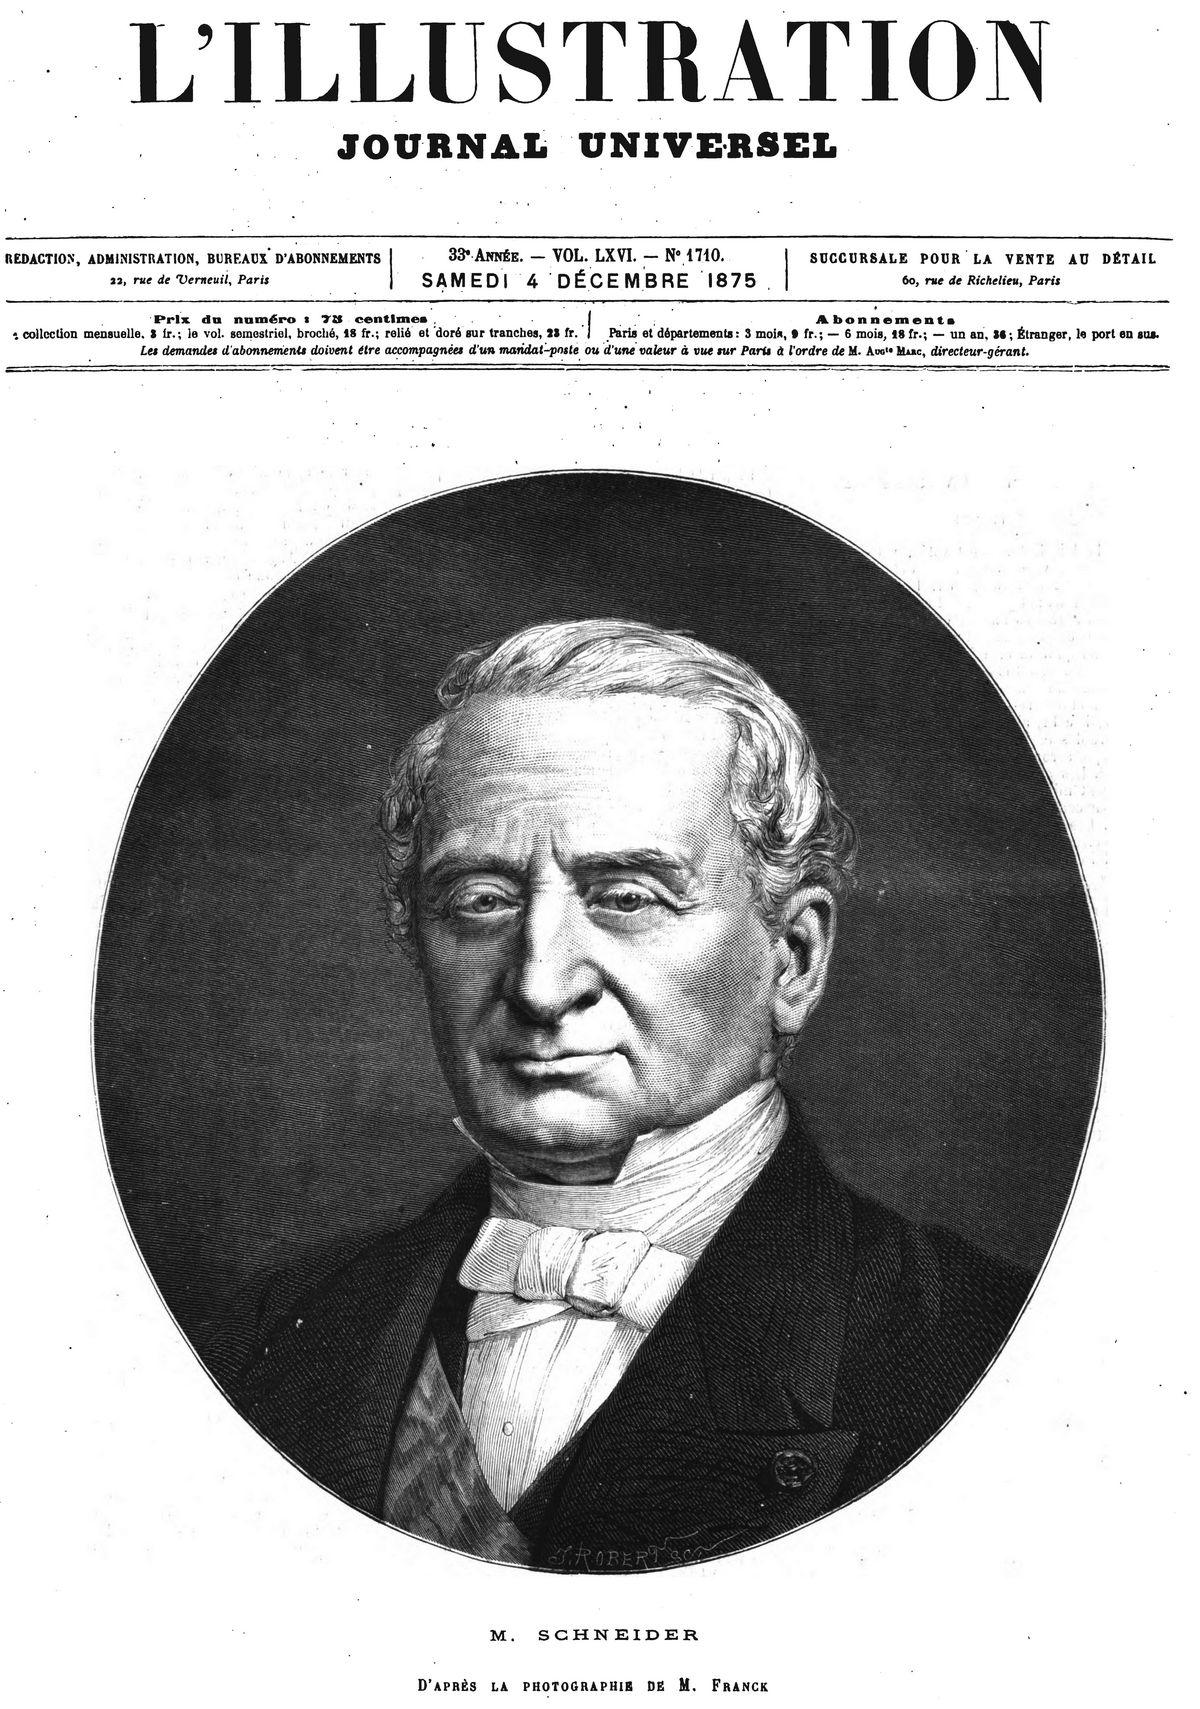 M. Schneider 1875